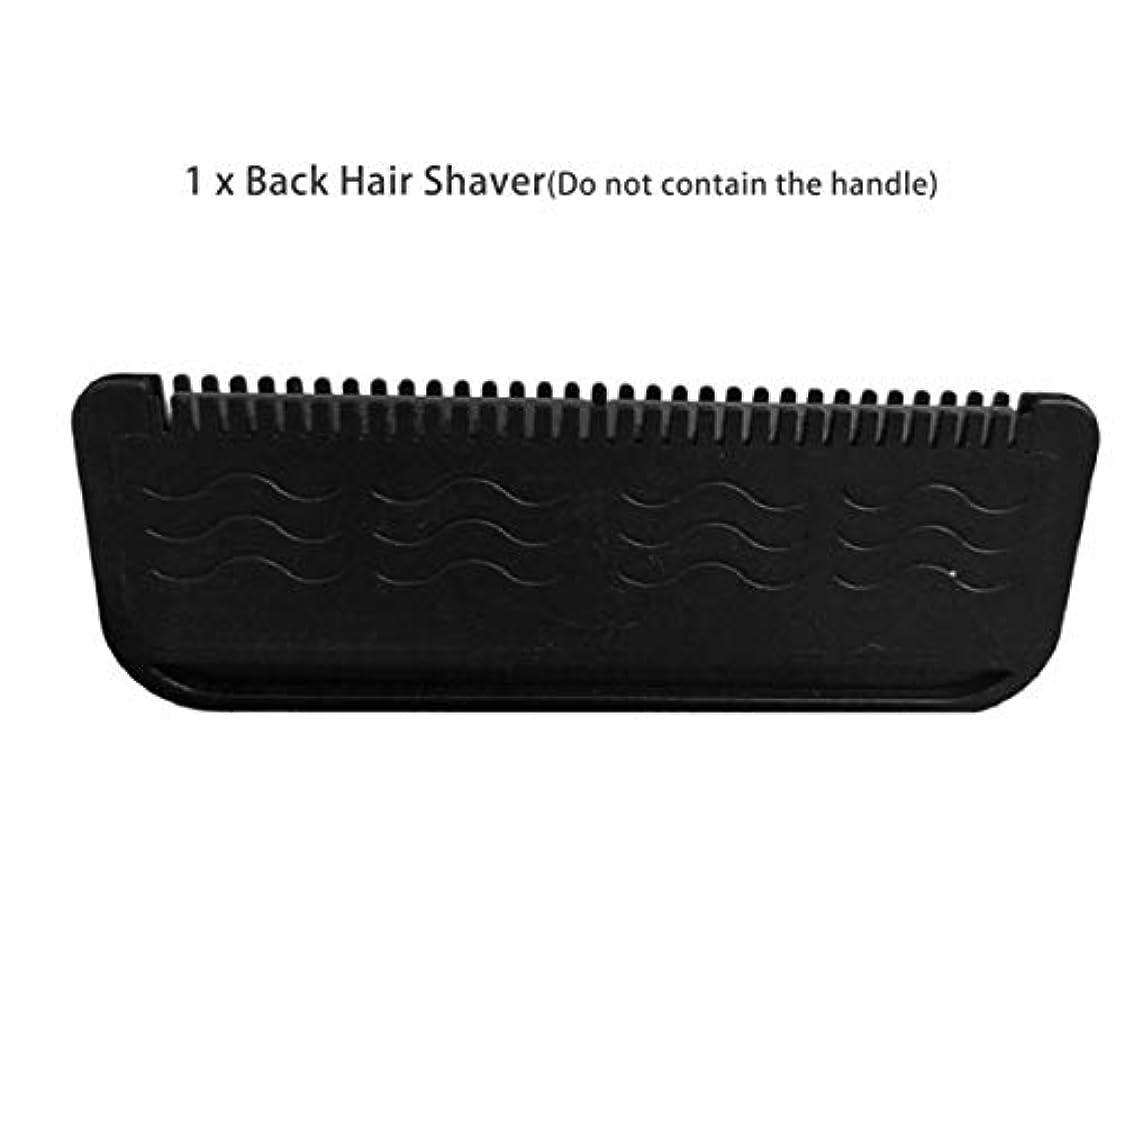 群衆助言するご意見マニュアルバックヘアシェーバーステンレスブレードカミソリ痛みのない除毛ブレードボディヘアケアシェービングカミソリ男性用-青&黒